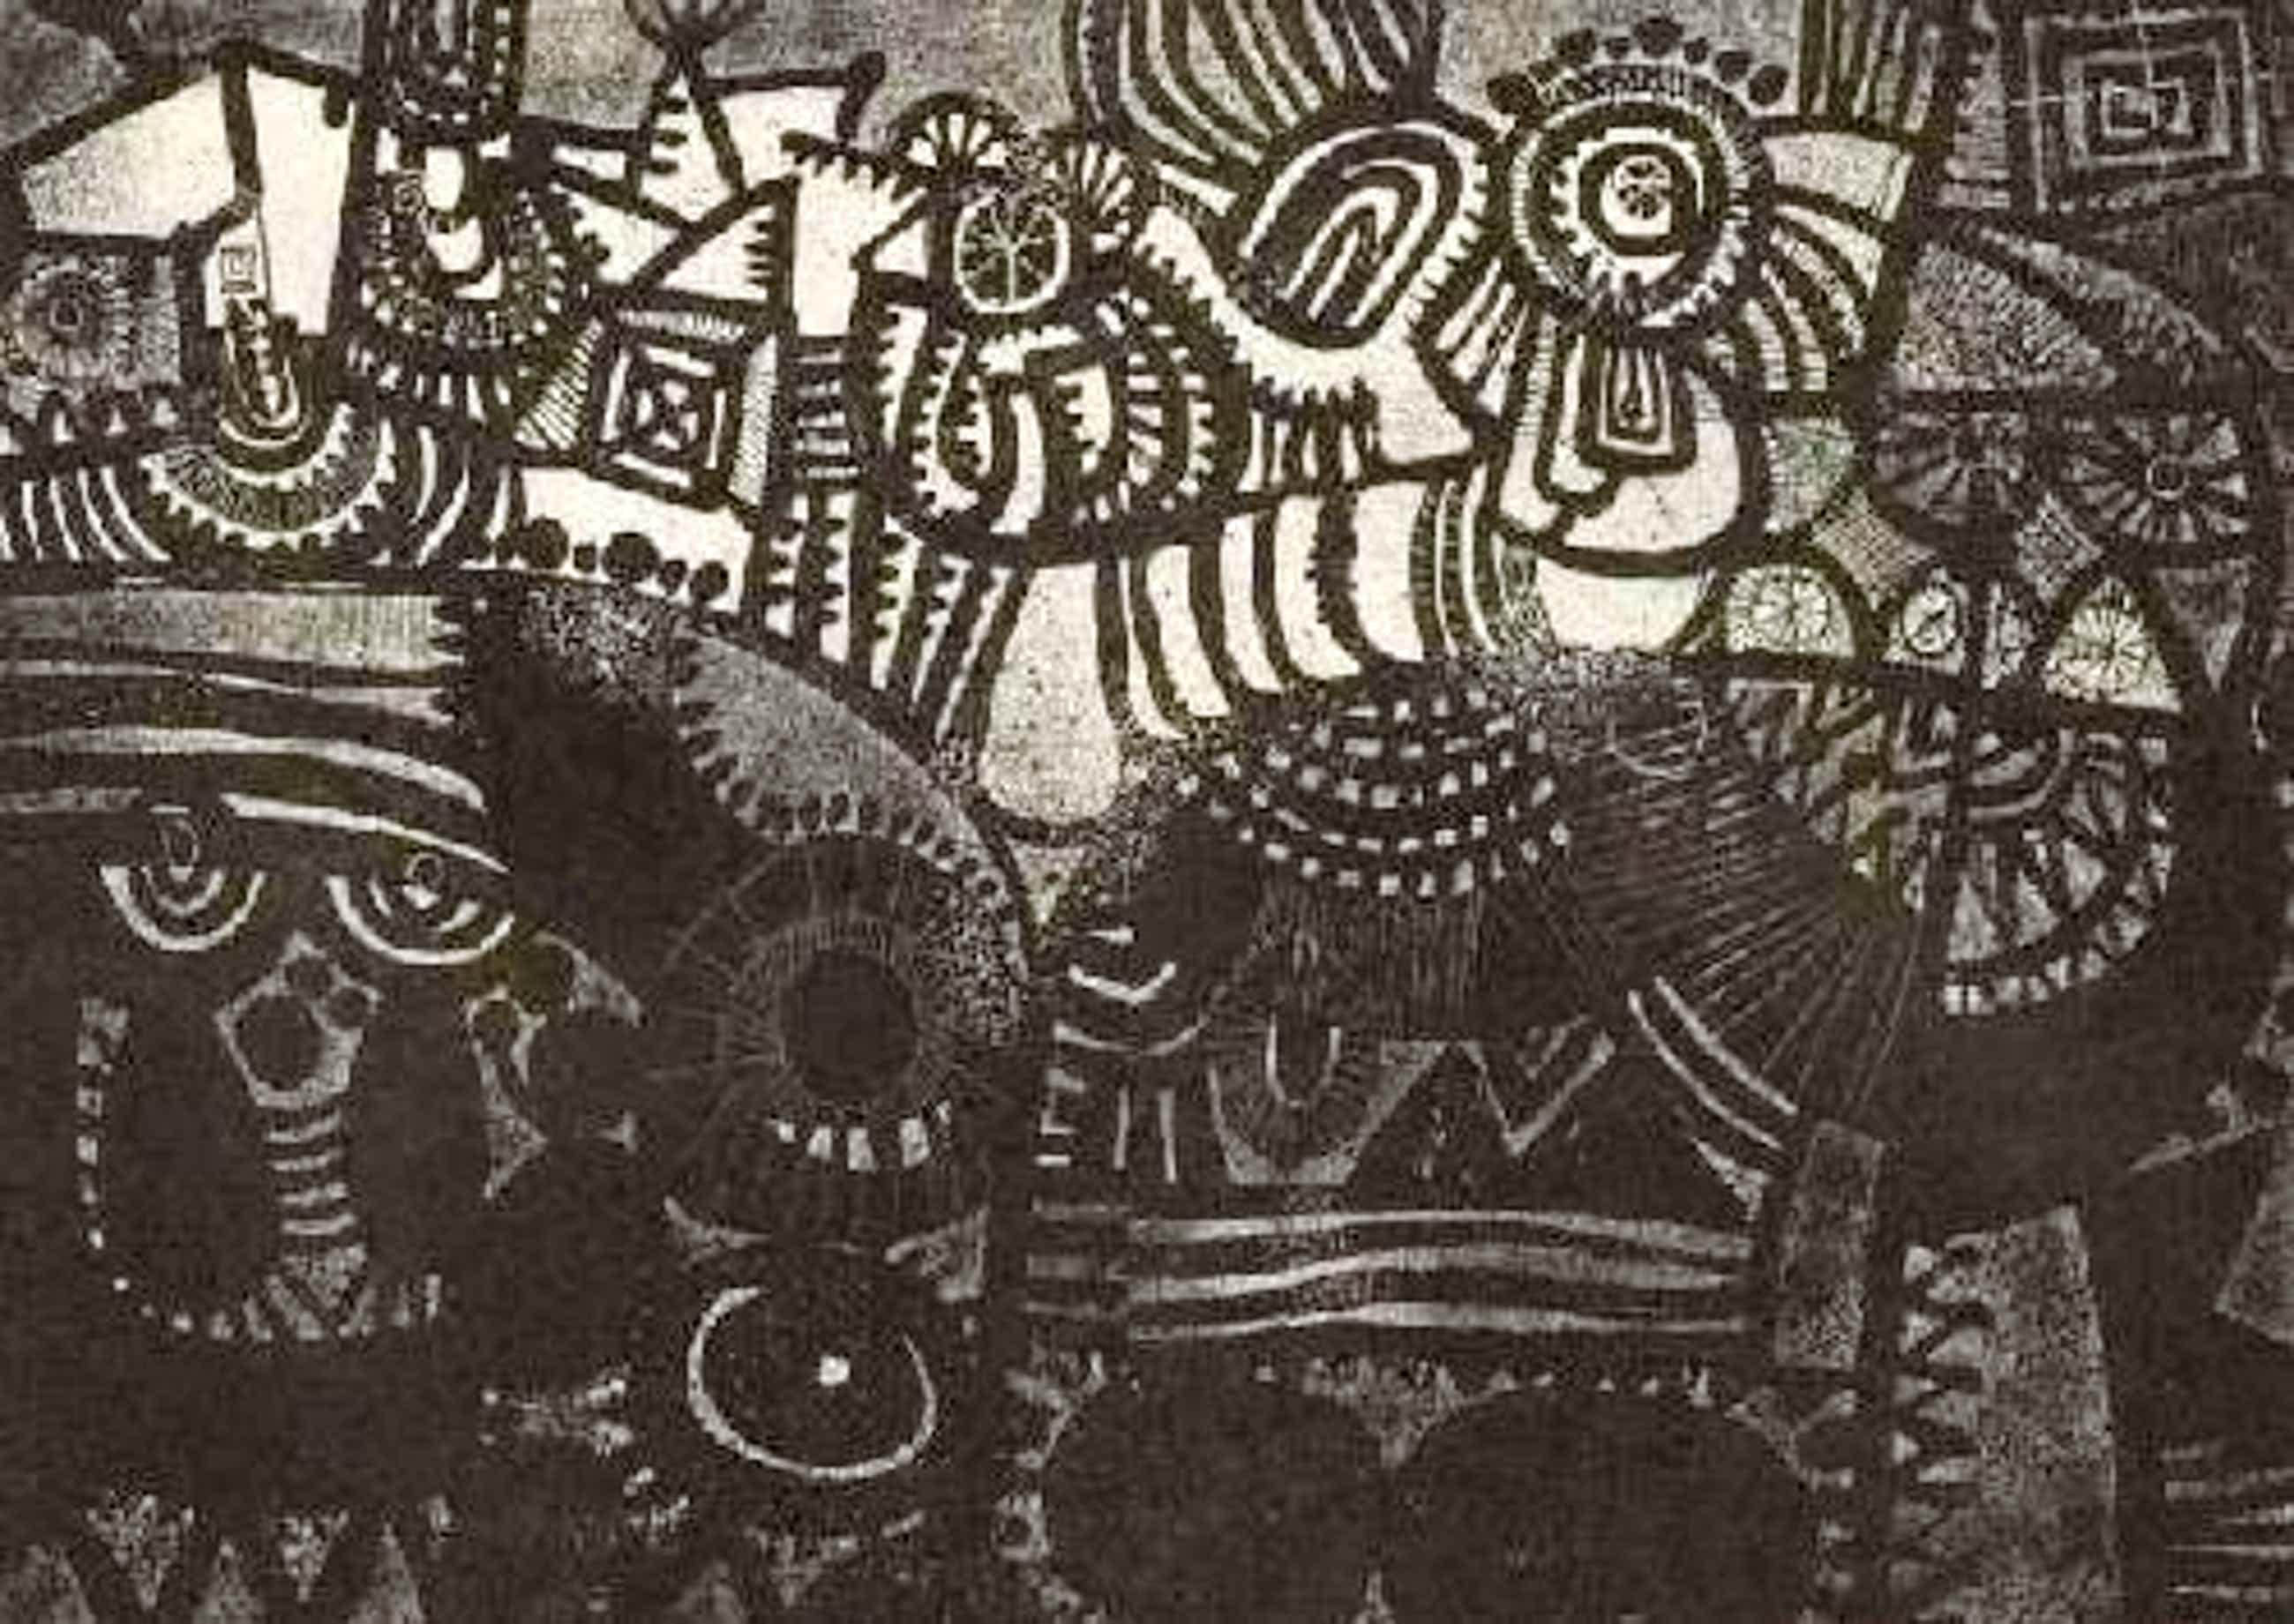 Carlos Duss - Die ÄUSSERE WELT - handsignierte OriginalHandätzung des SCHWEIZer Illustratoren a.SEVILLA (SPEKTRUM) kopen? Bied vanaf 45!